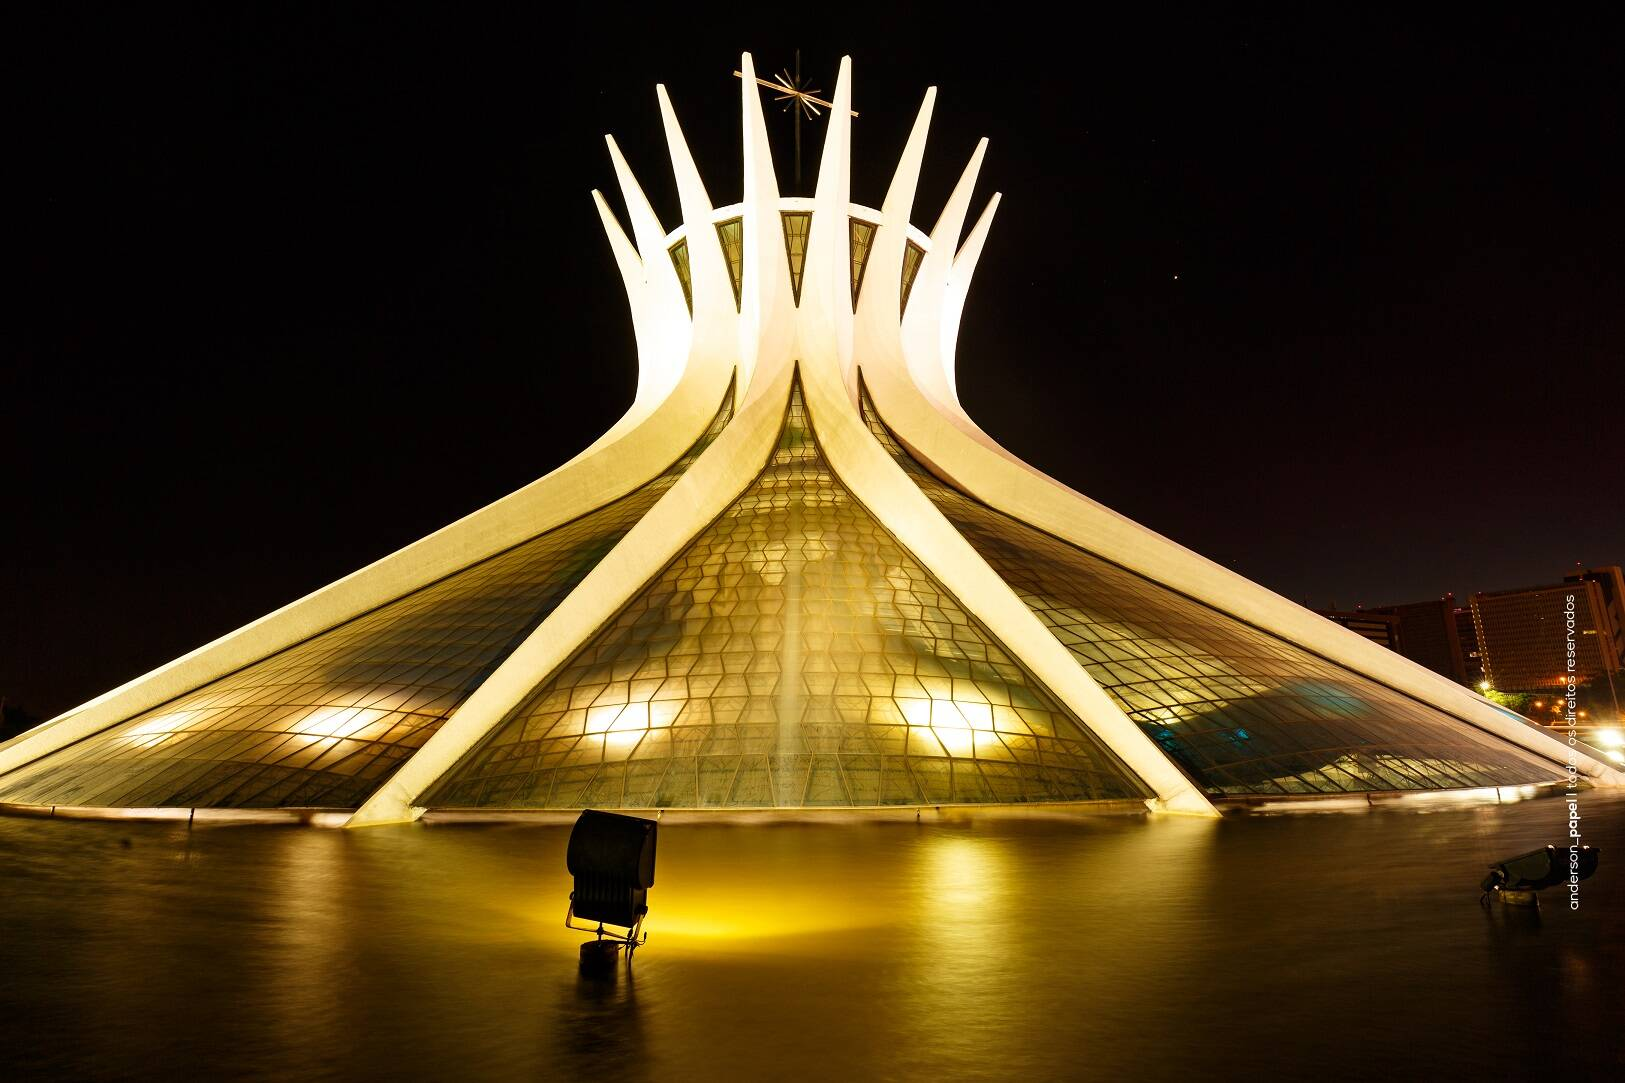 A Catedral iluminada se destaca no período da noite. Foto: Reprodução/Viaja News